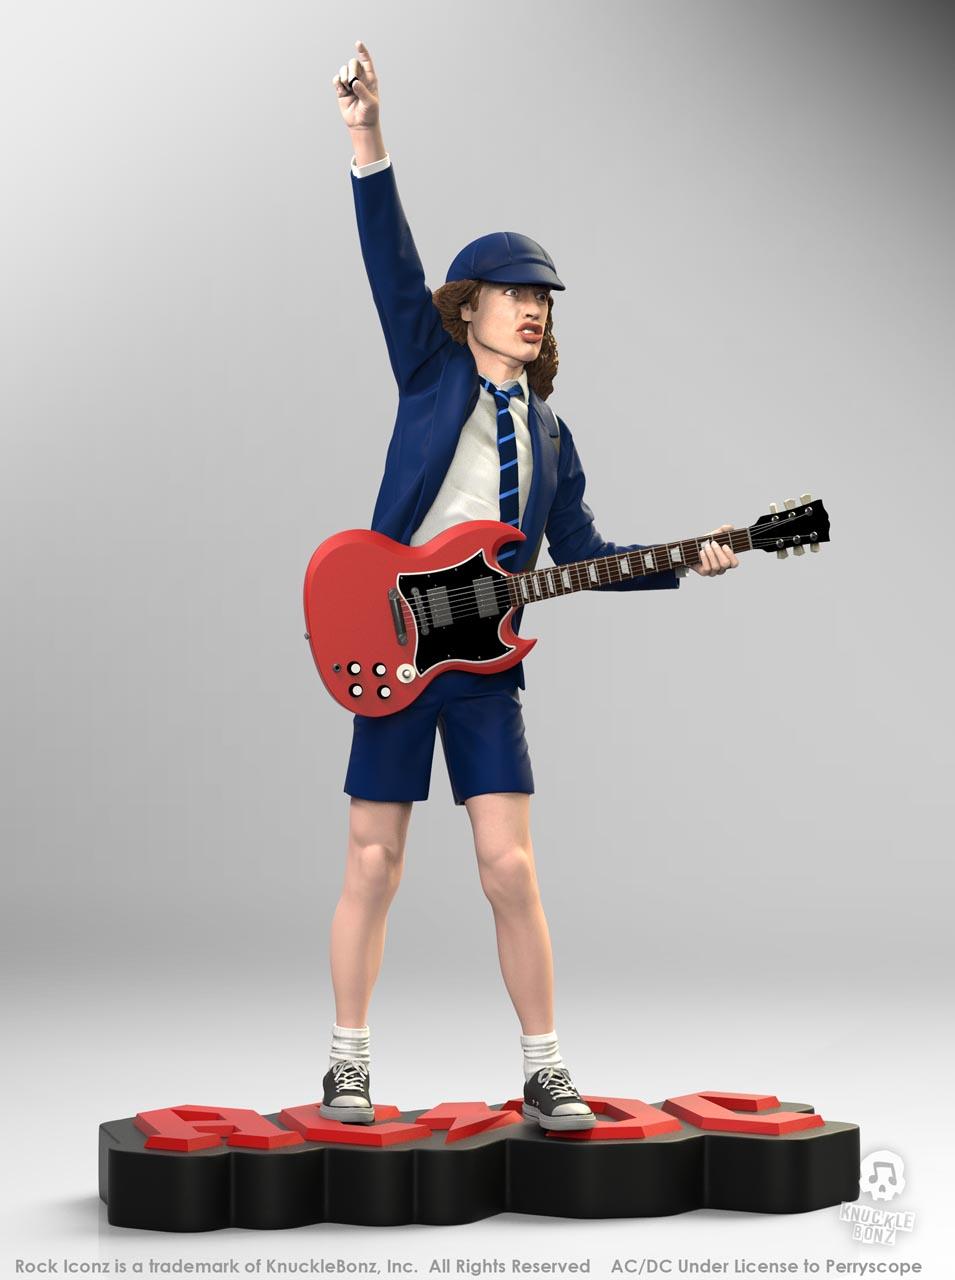 La nouvelle statue d'ANGUS YOUNG 'Rock Iconz' bientôt disponible Angus-12